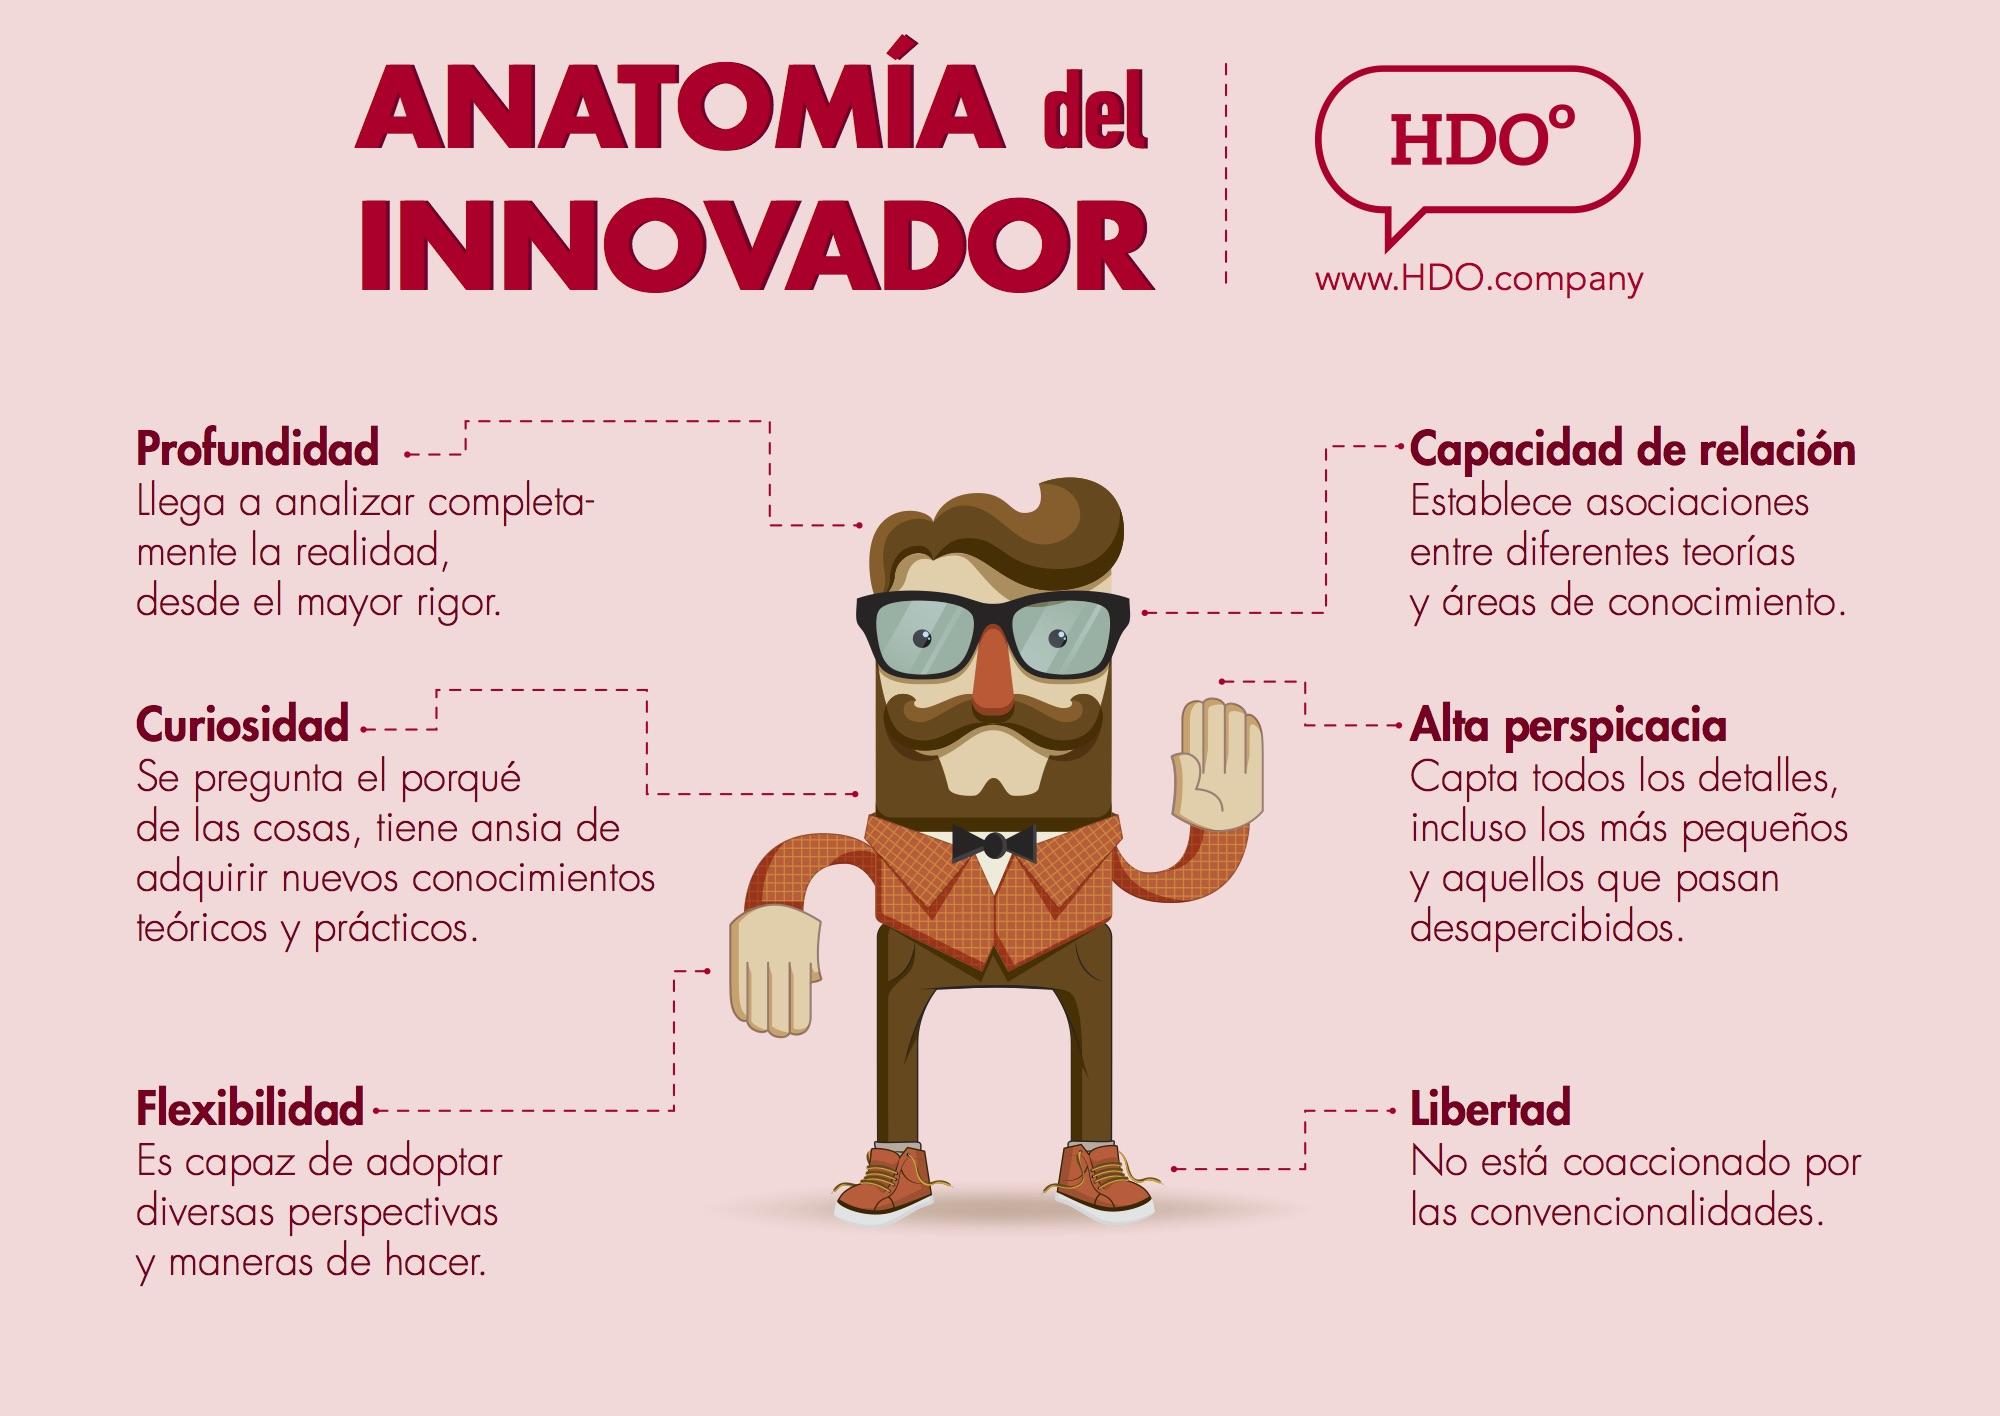 Anatomía del Innovador #infografia #infographic - TICs y Formación